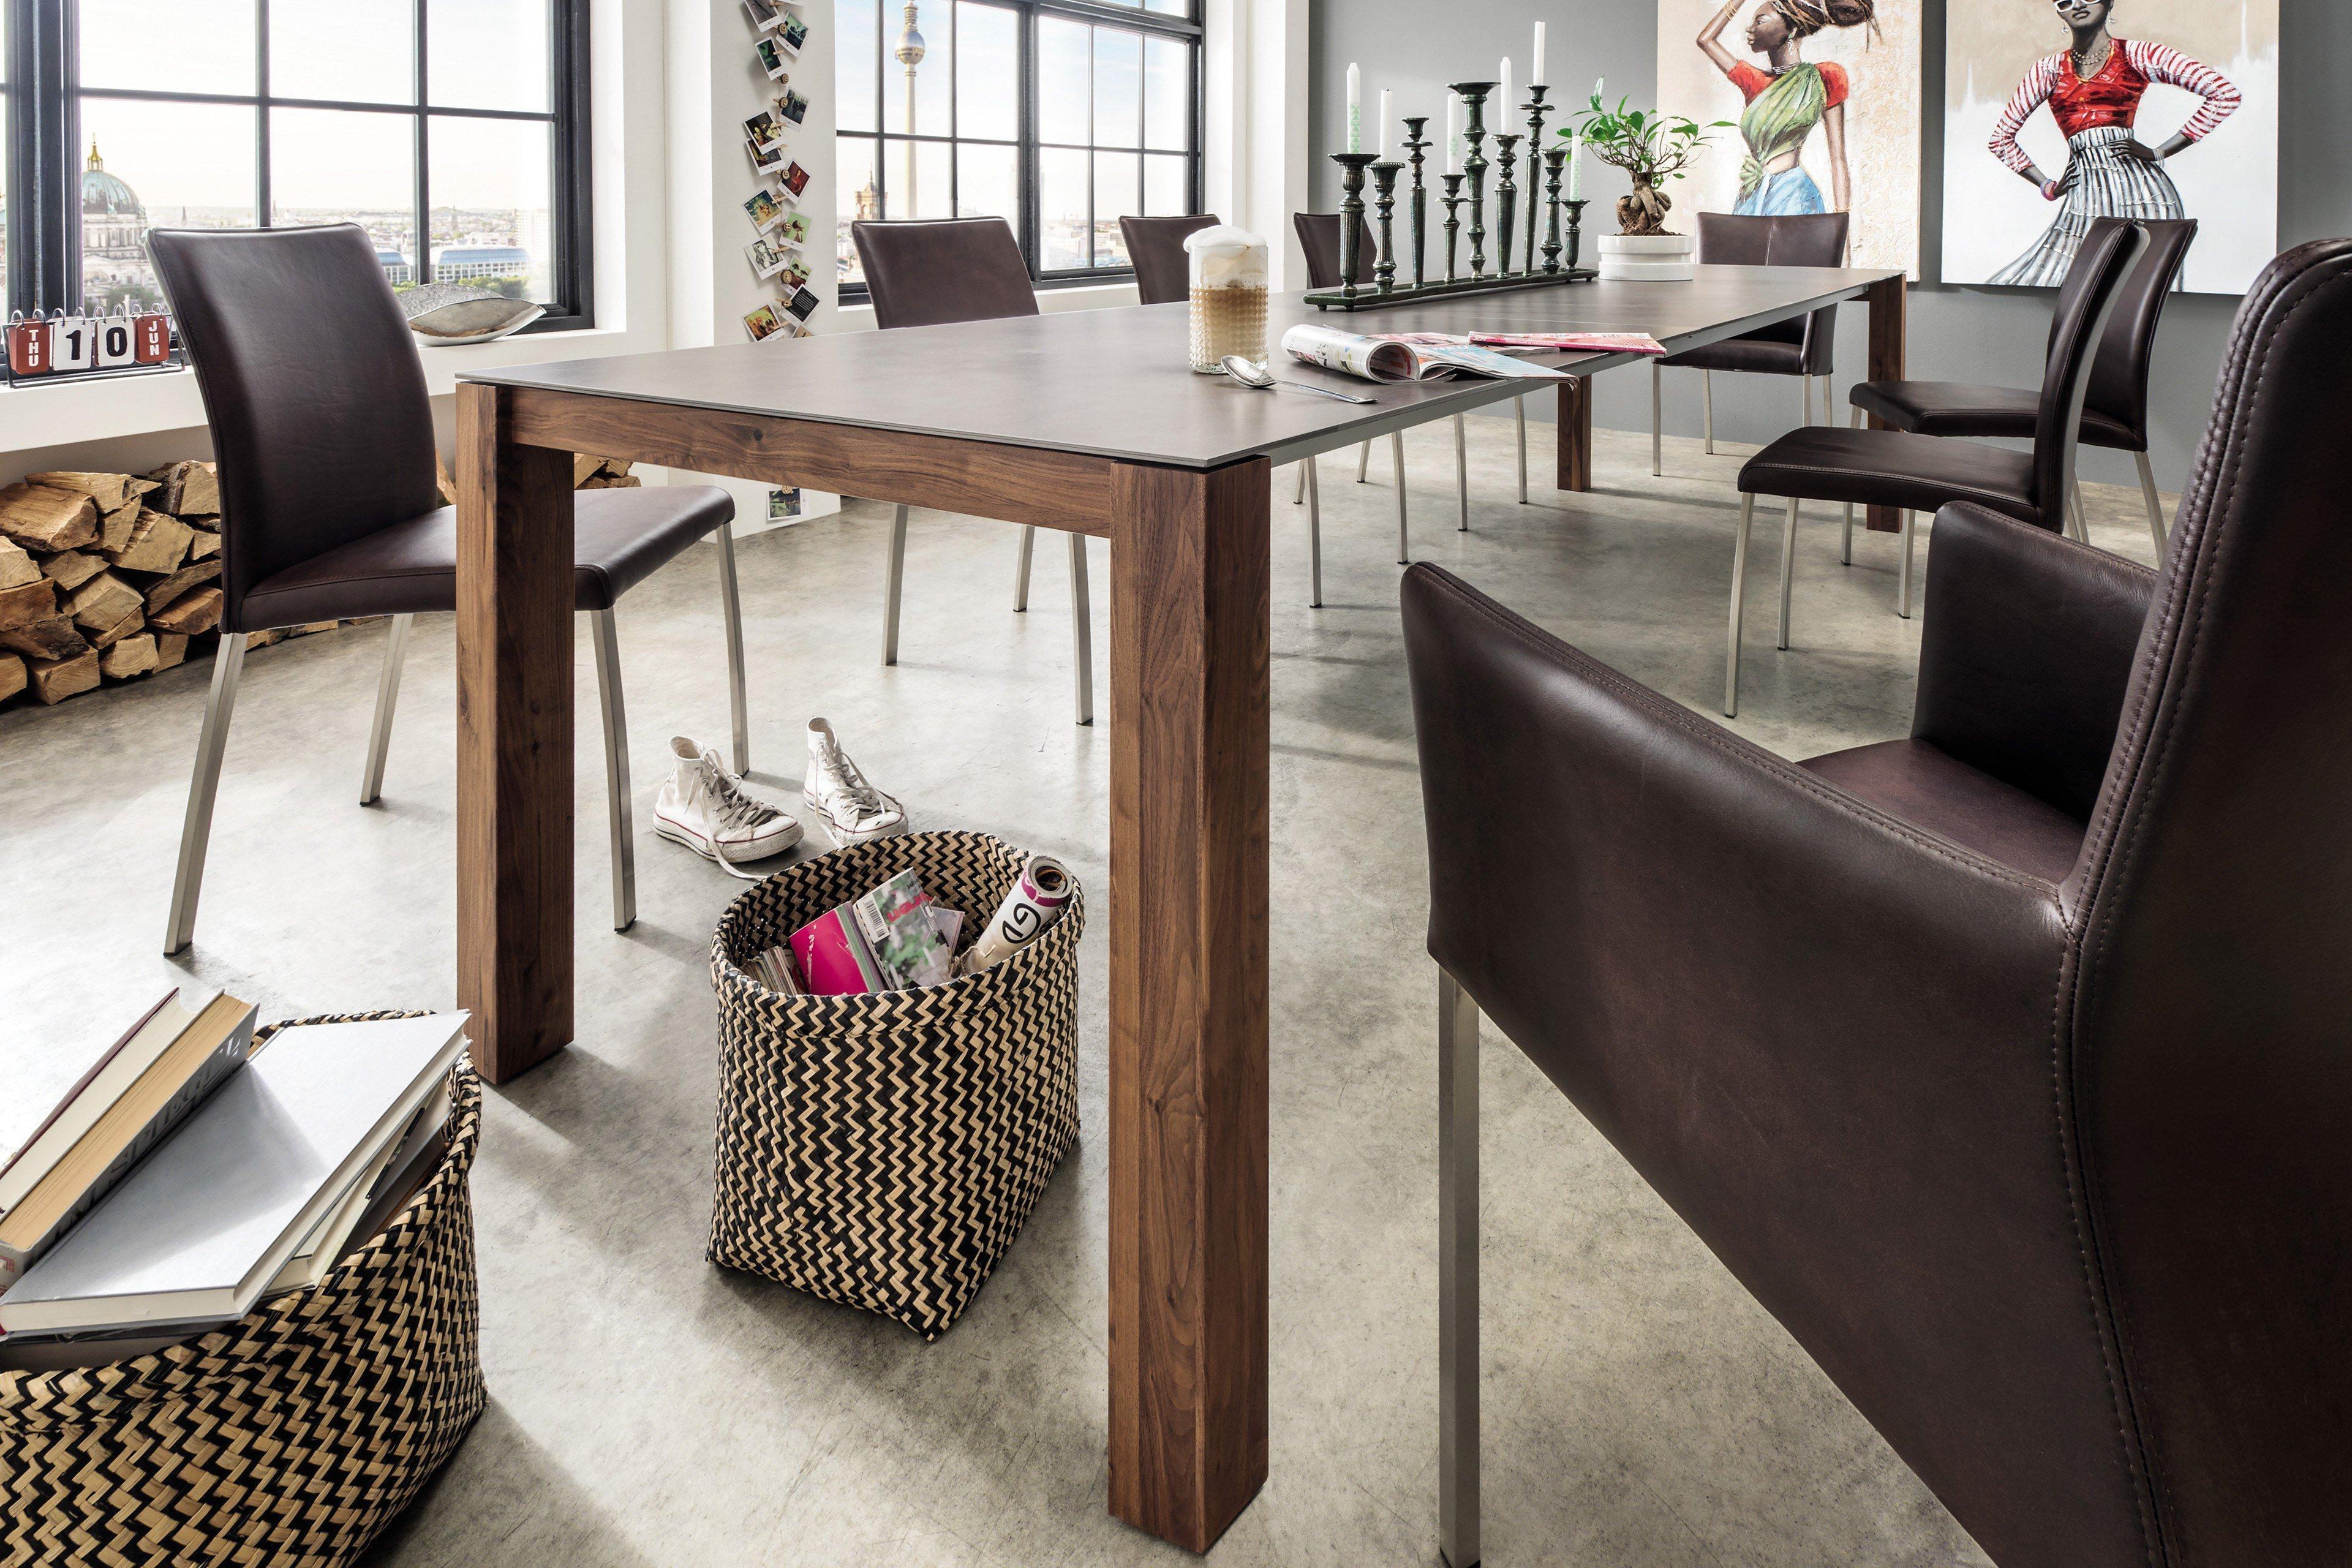 sit mobilia esstisch olympia m nchen m bel letz ihr online shop. Black Bedroom Furniture Sets. Home Design Ideas